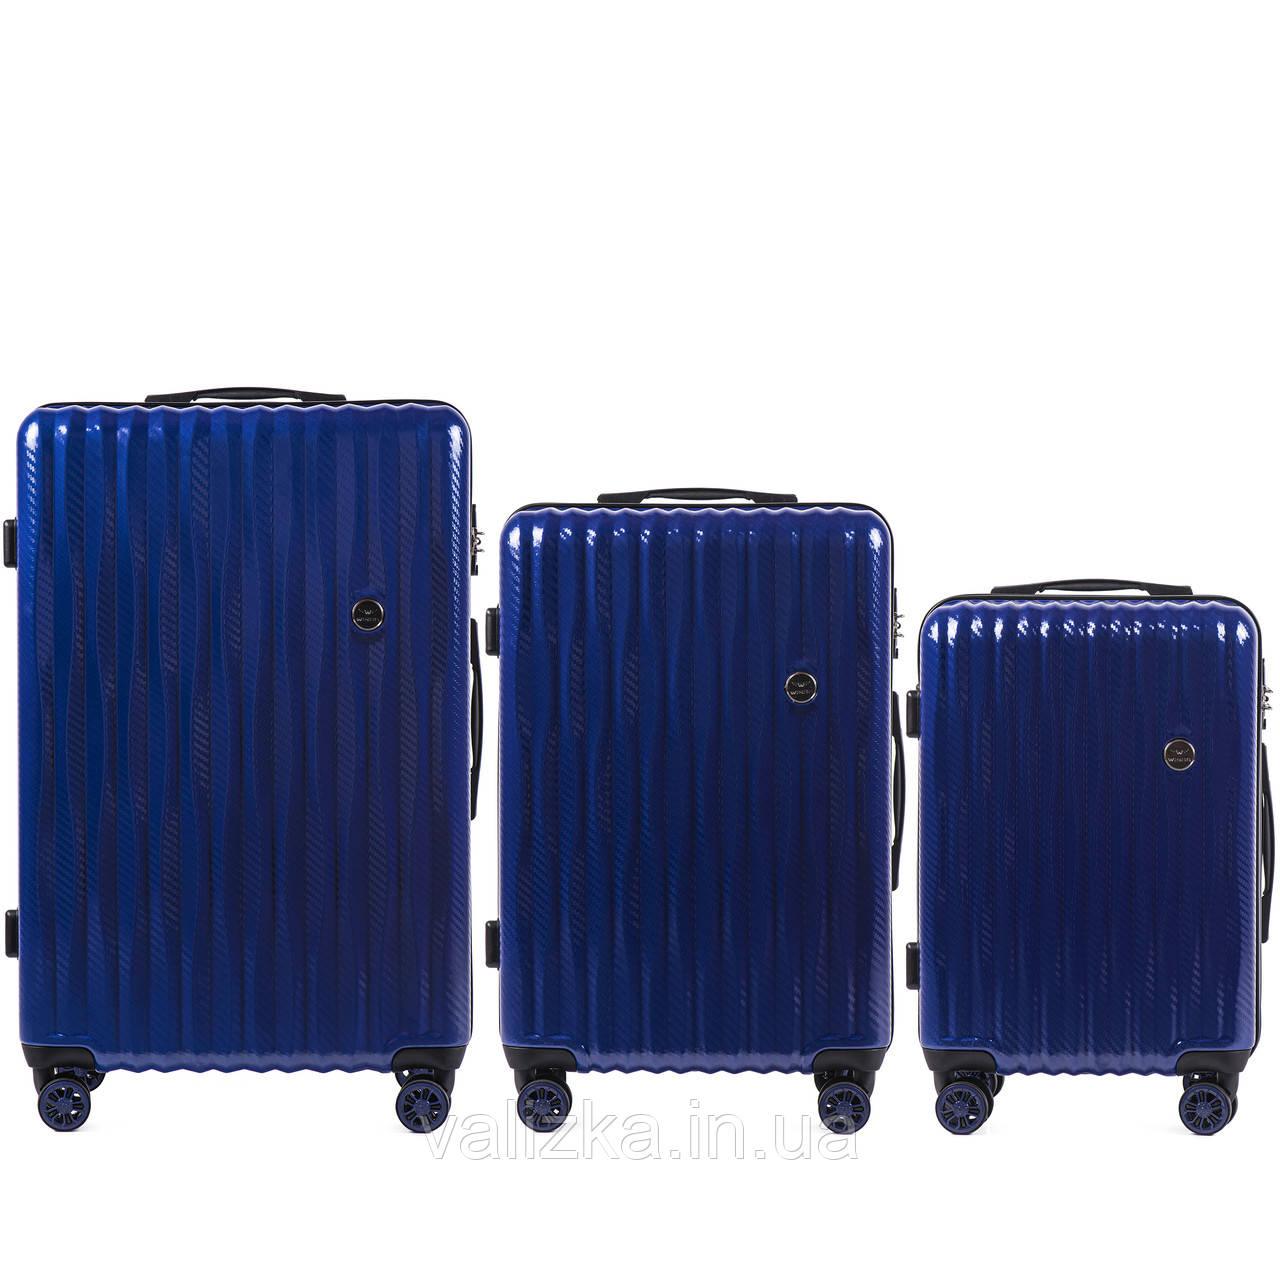 Комплект з полікарбонату преміум серії W-5223 3 штуки для ручної поклажі, середній і великий темно-синій